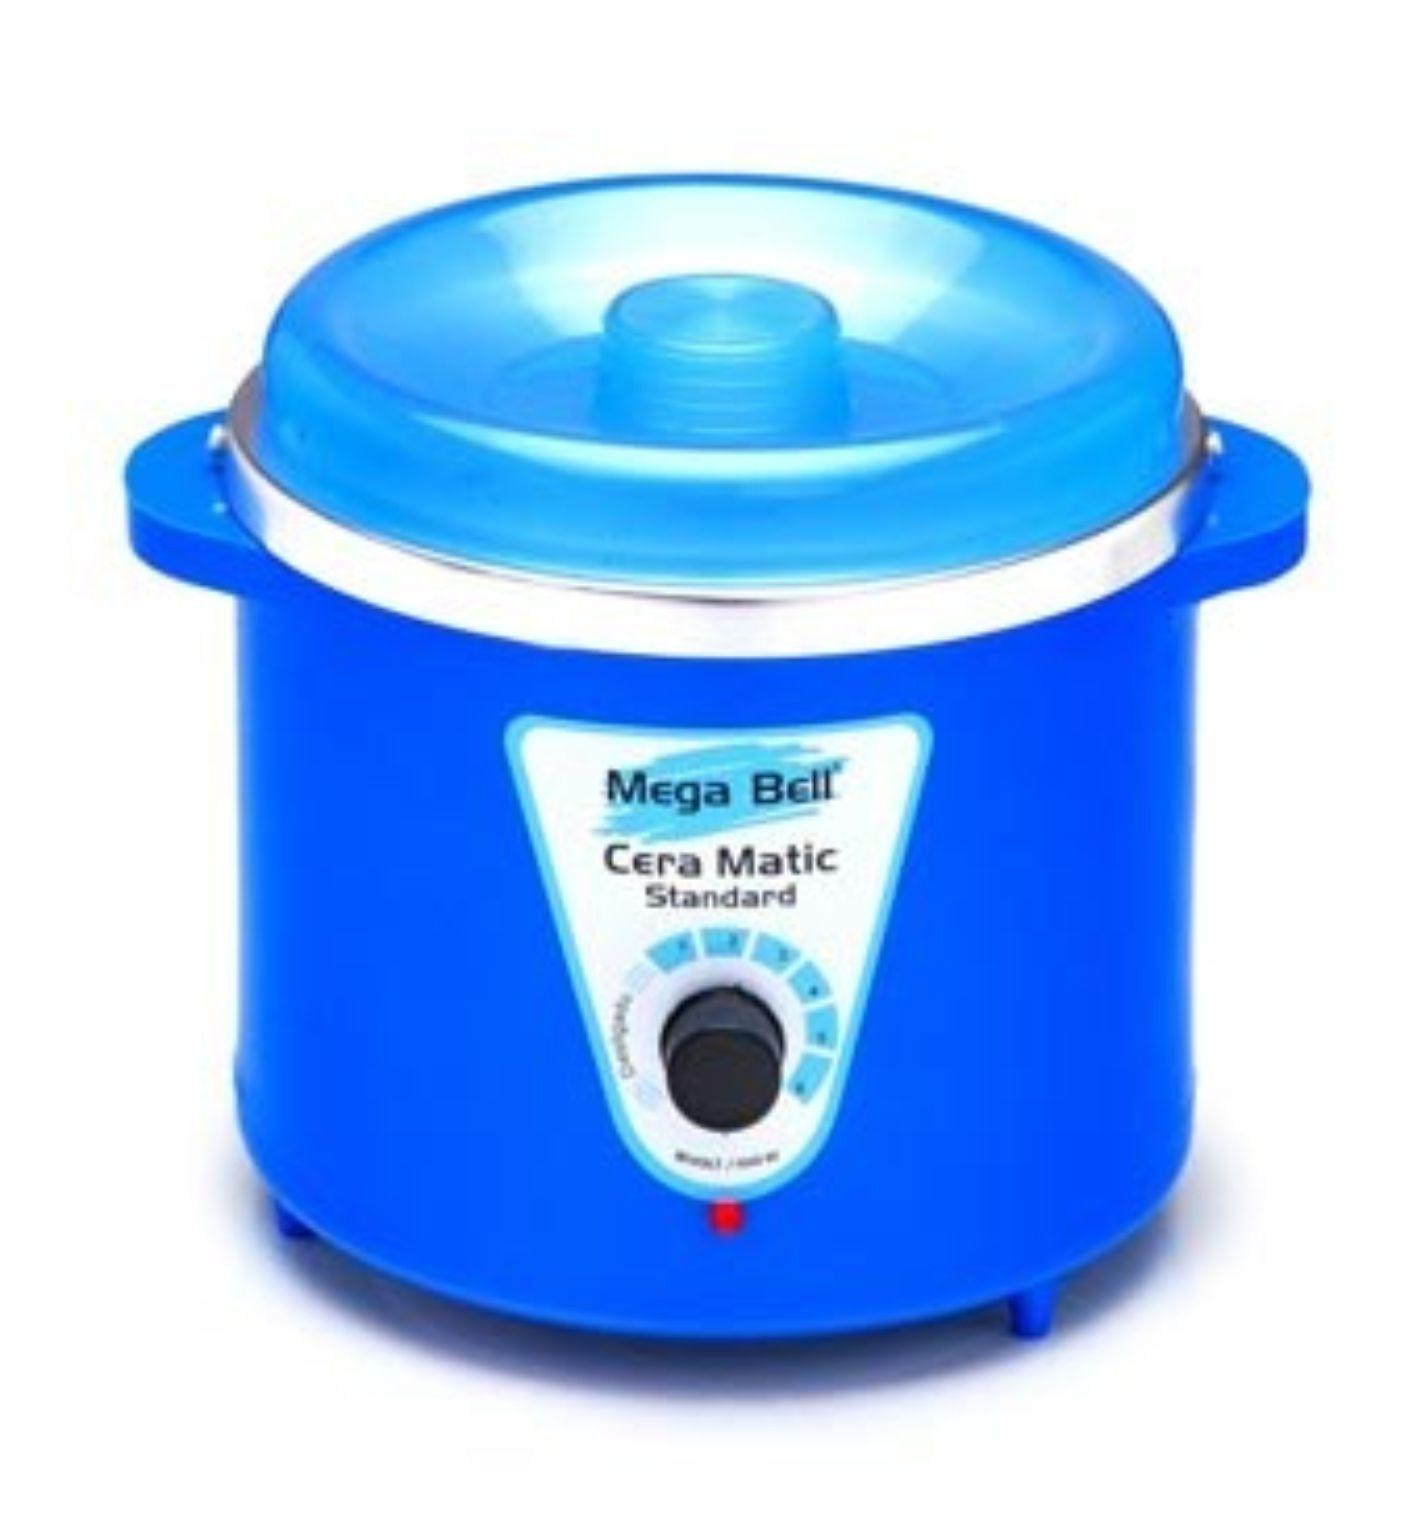 Termocera Aquecedor de Cera Standard 700g Bivolt Mega Bell - Cor Azul